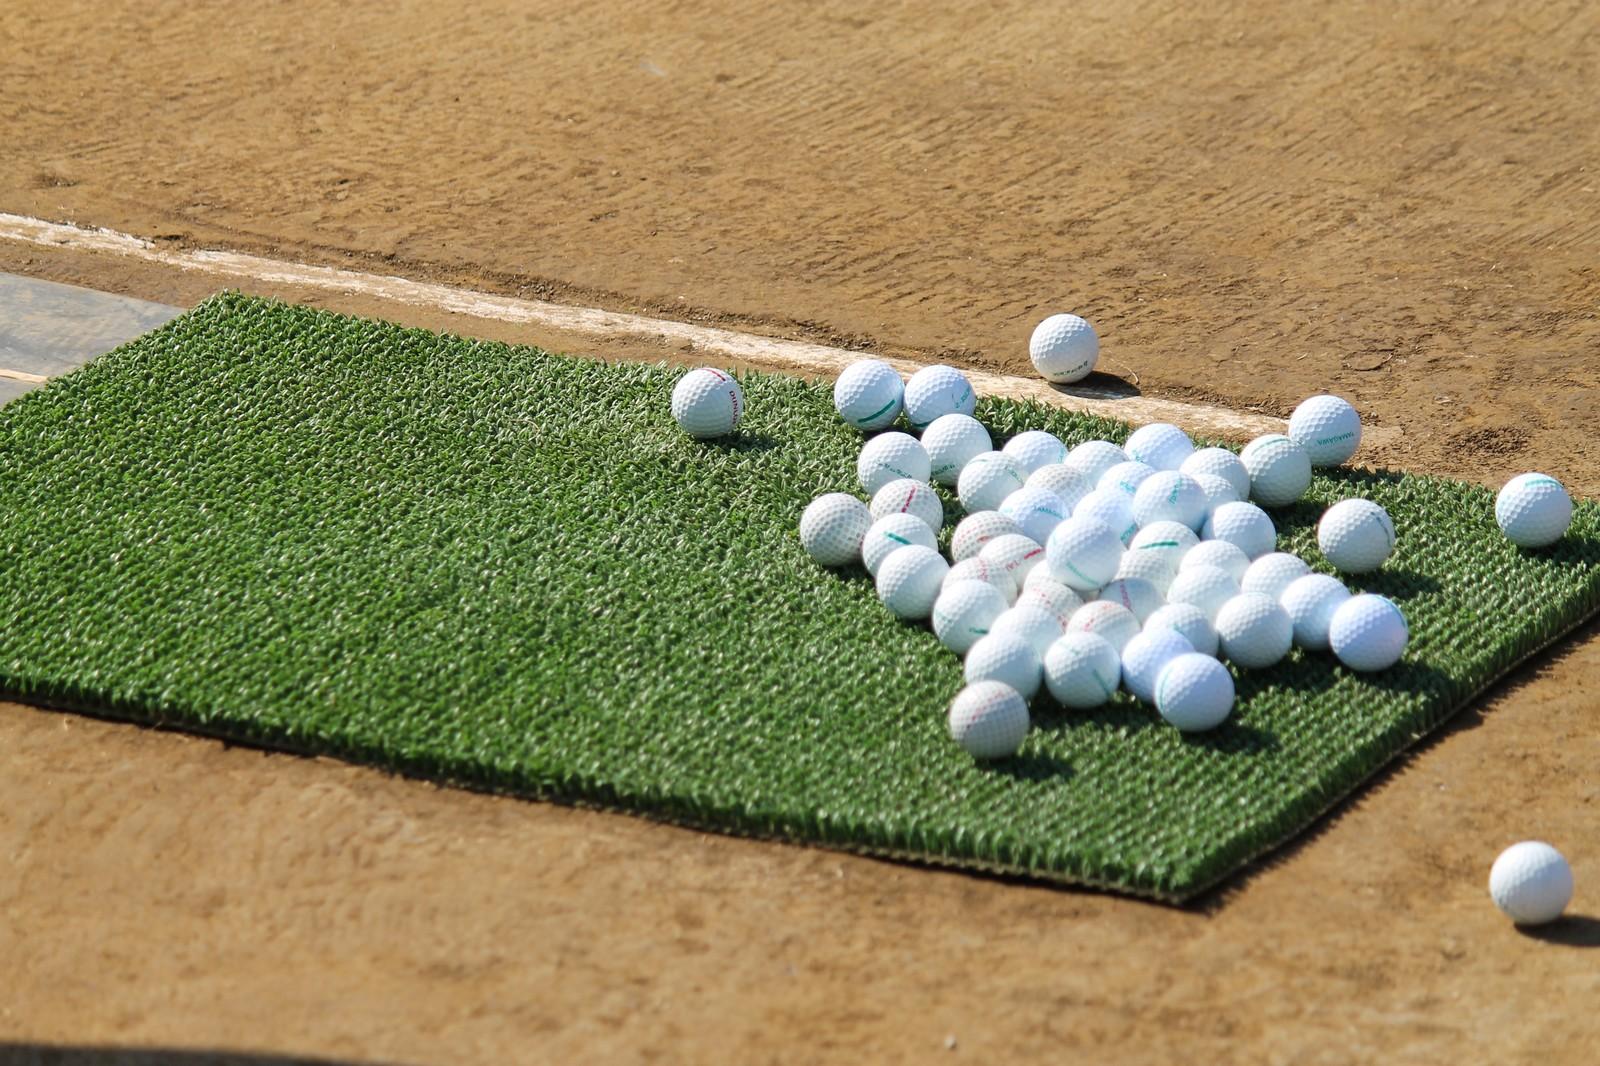 ゴルフの練習量はもちろん多いほうがいい。ホント?ウソ?